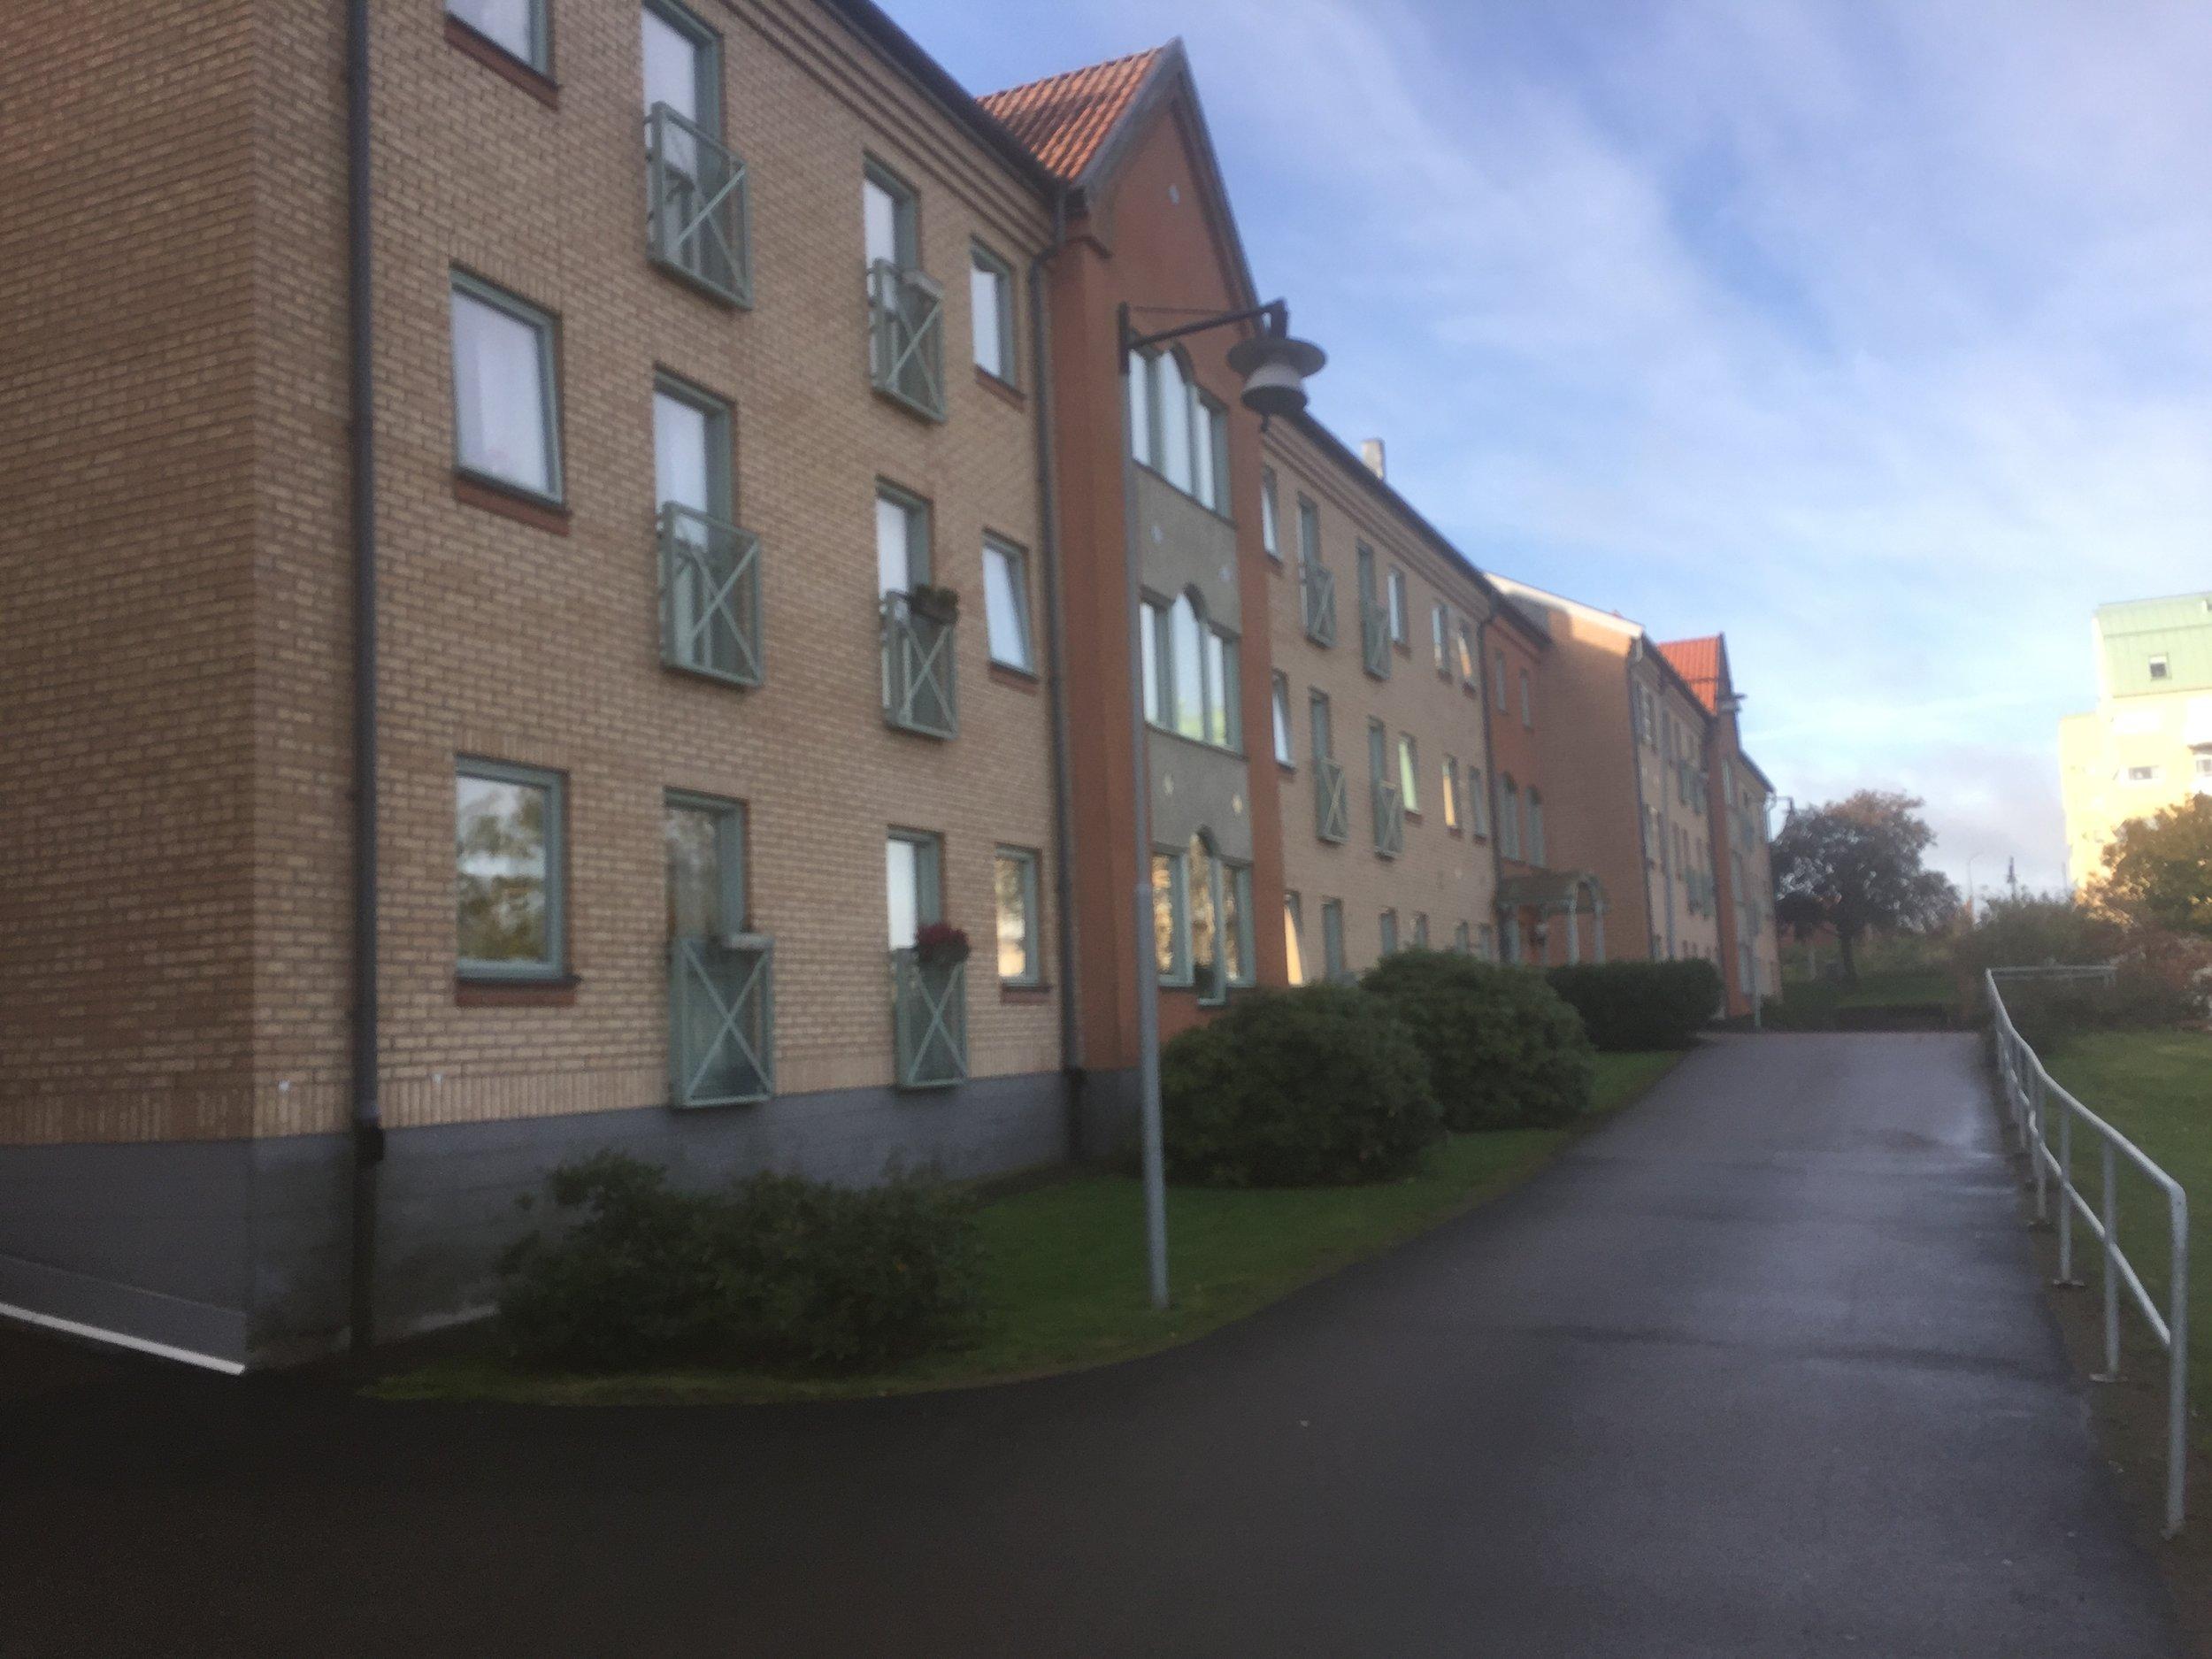 Hus C - vetter mot Tullparken